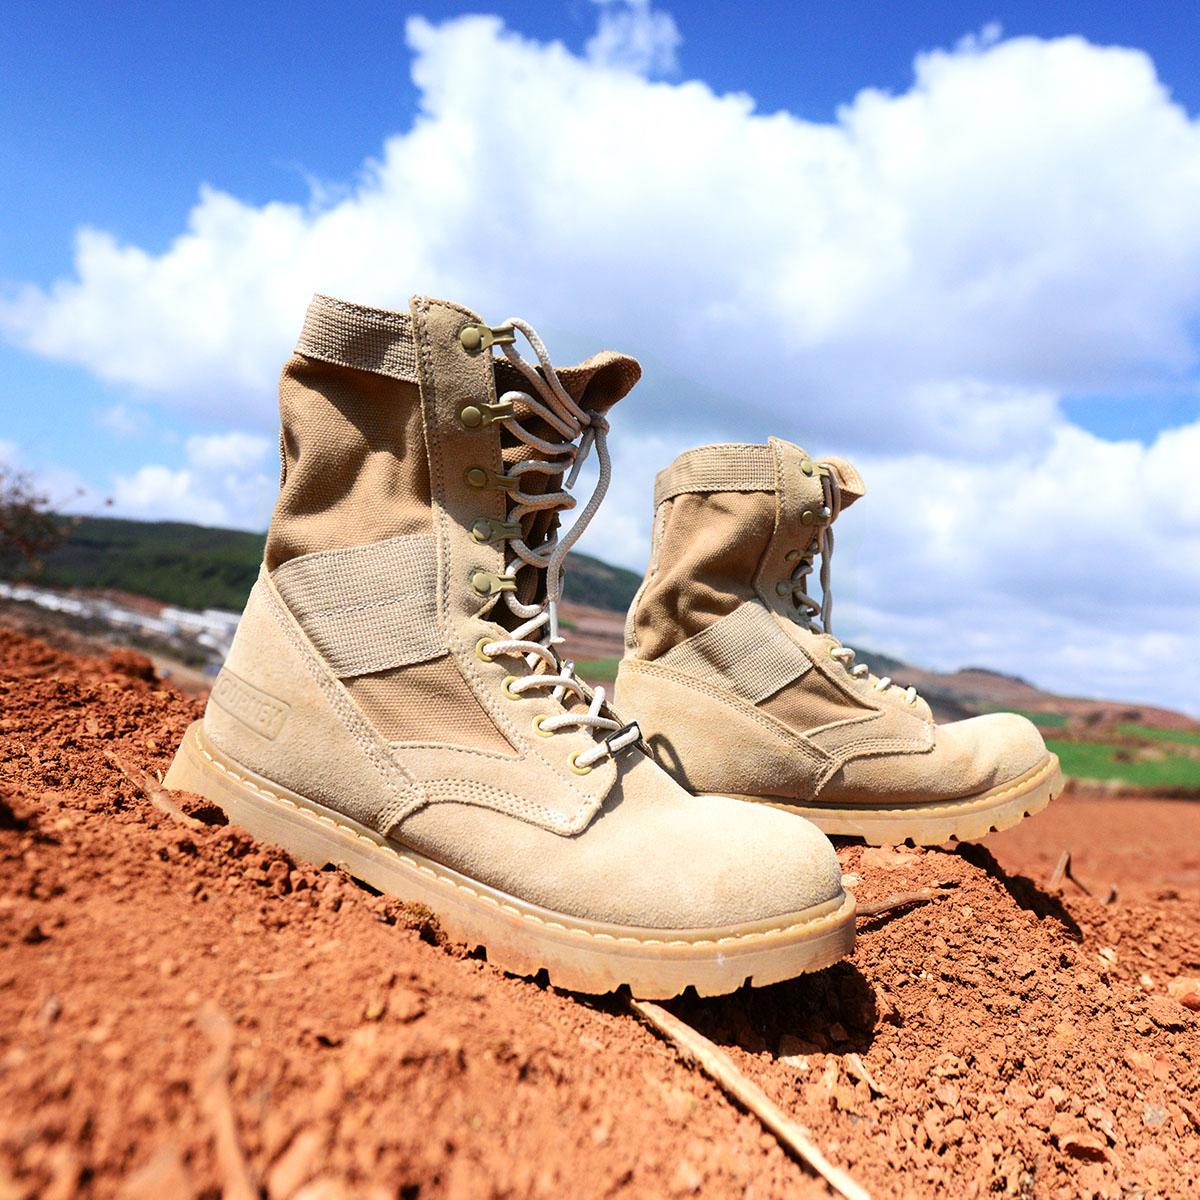 Пекин лес на открытом воздухе воловья кожа только обувь путешествие восхождение обувной пустыня ботинок противоскользящий износоустойчивый мартин сапоги люди женский